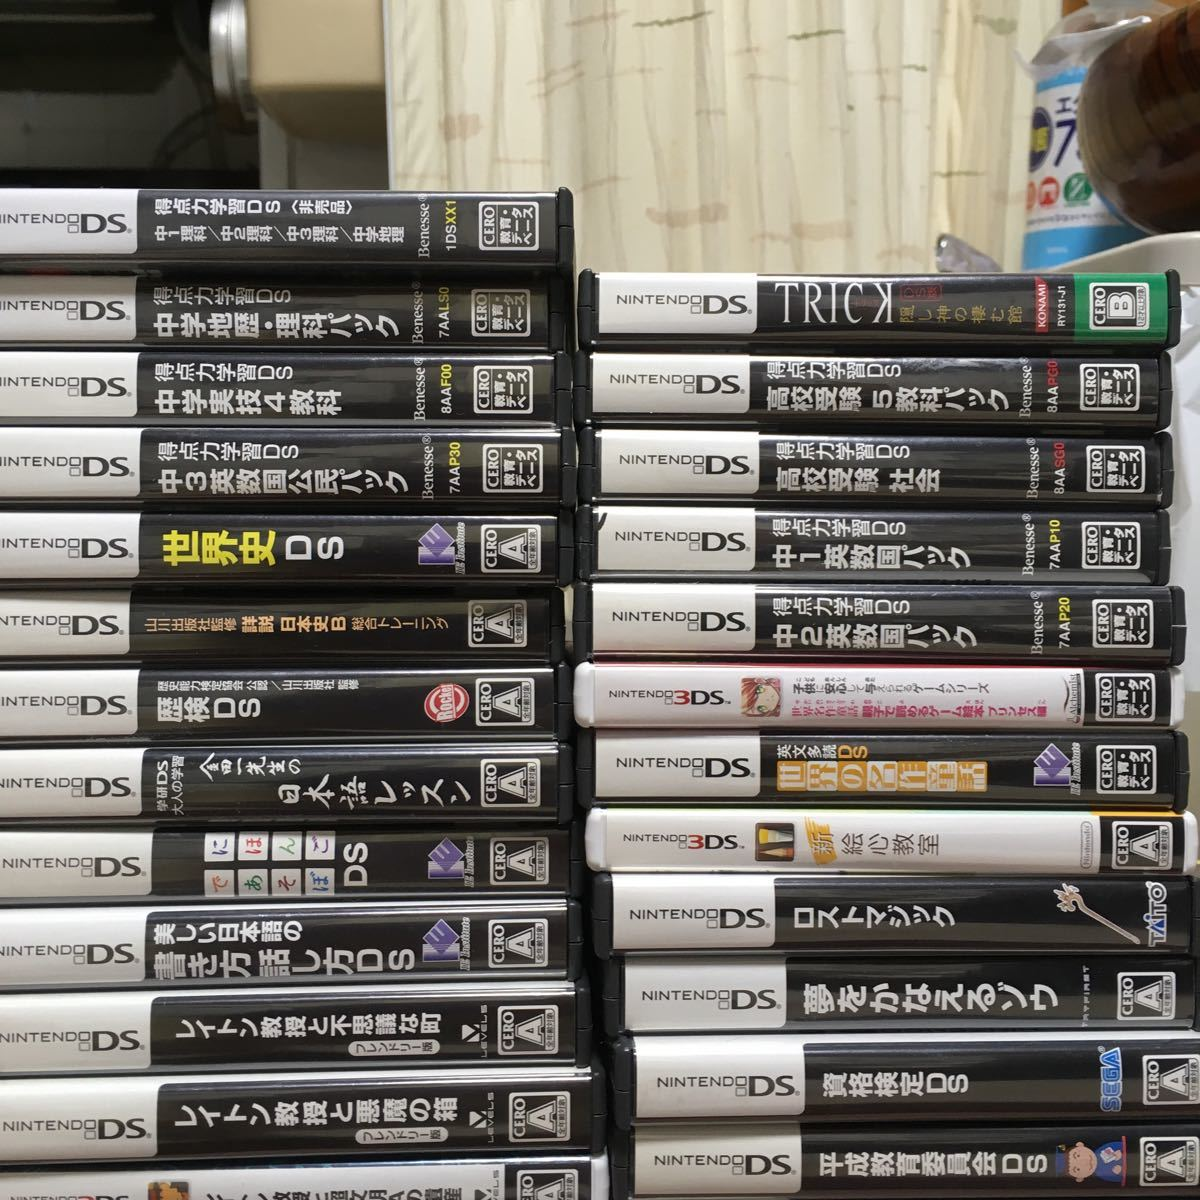 ゲームソフトケース DS 3ds まとめ買いお得 学力向上ゲーム 学習 復習 謎解き 脳トレ 検定取得 最高4点セット可能